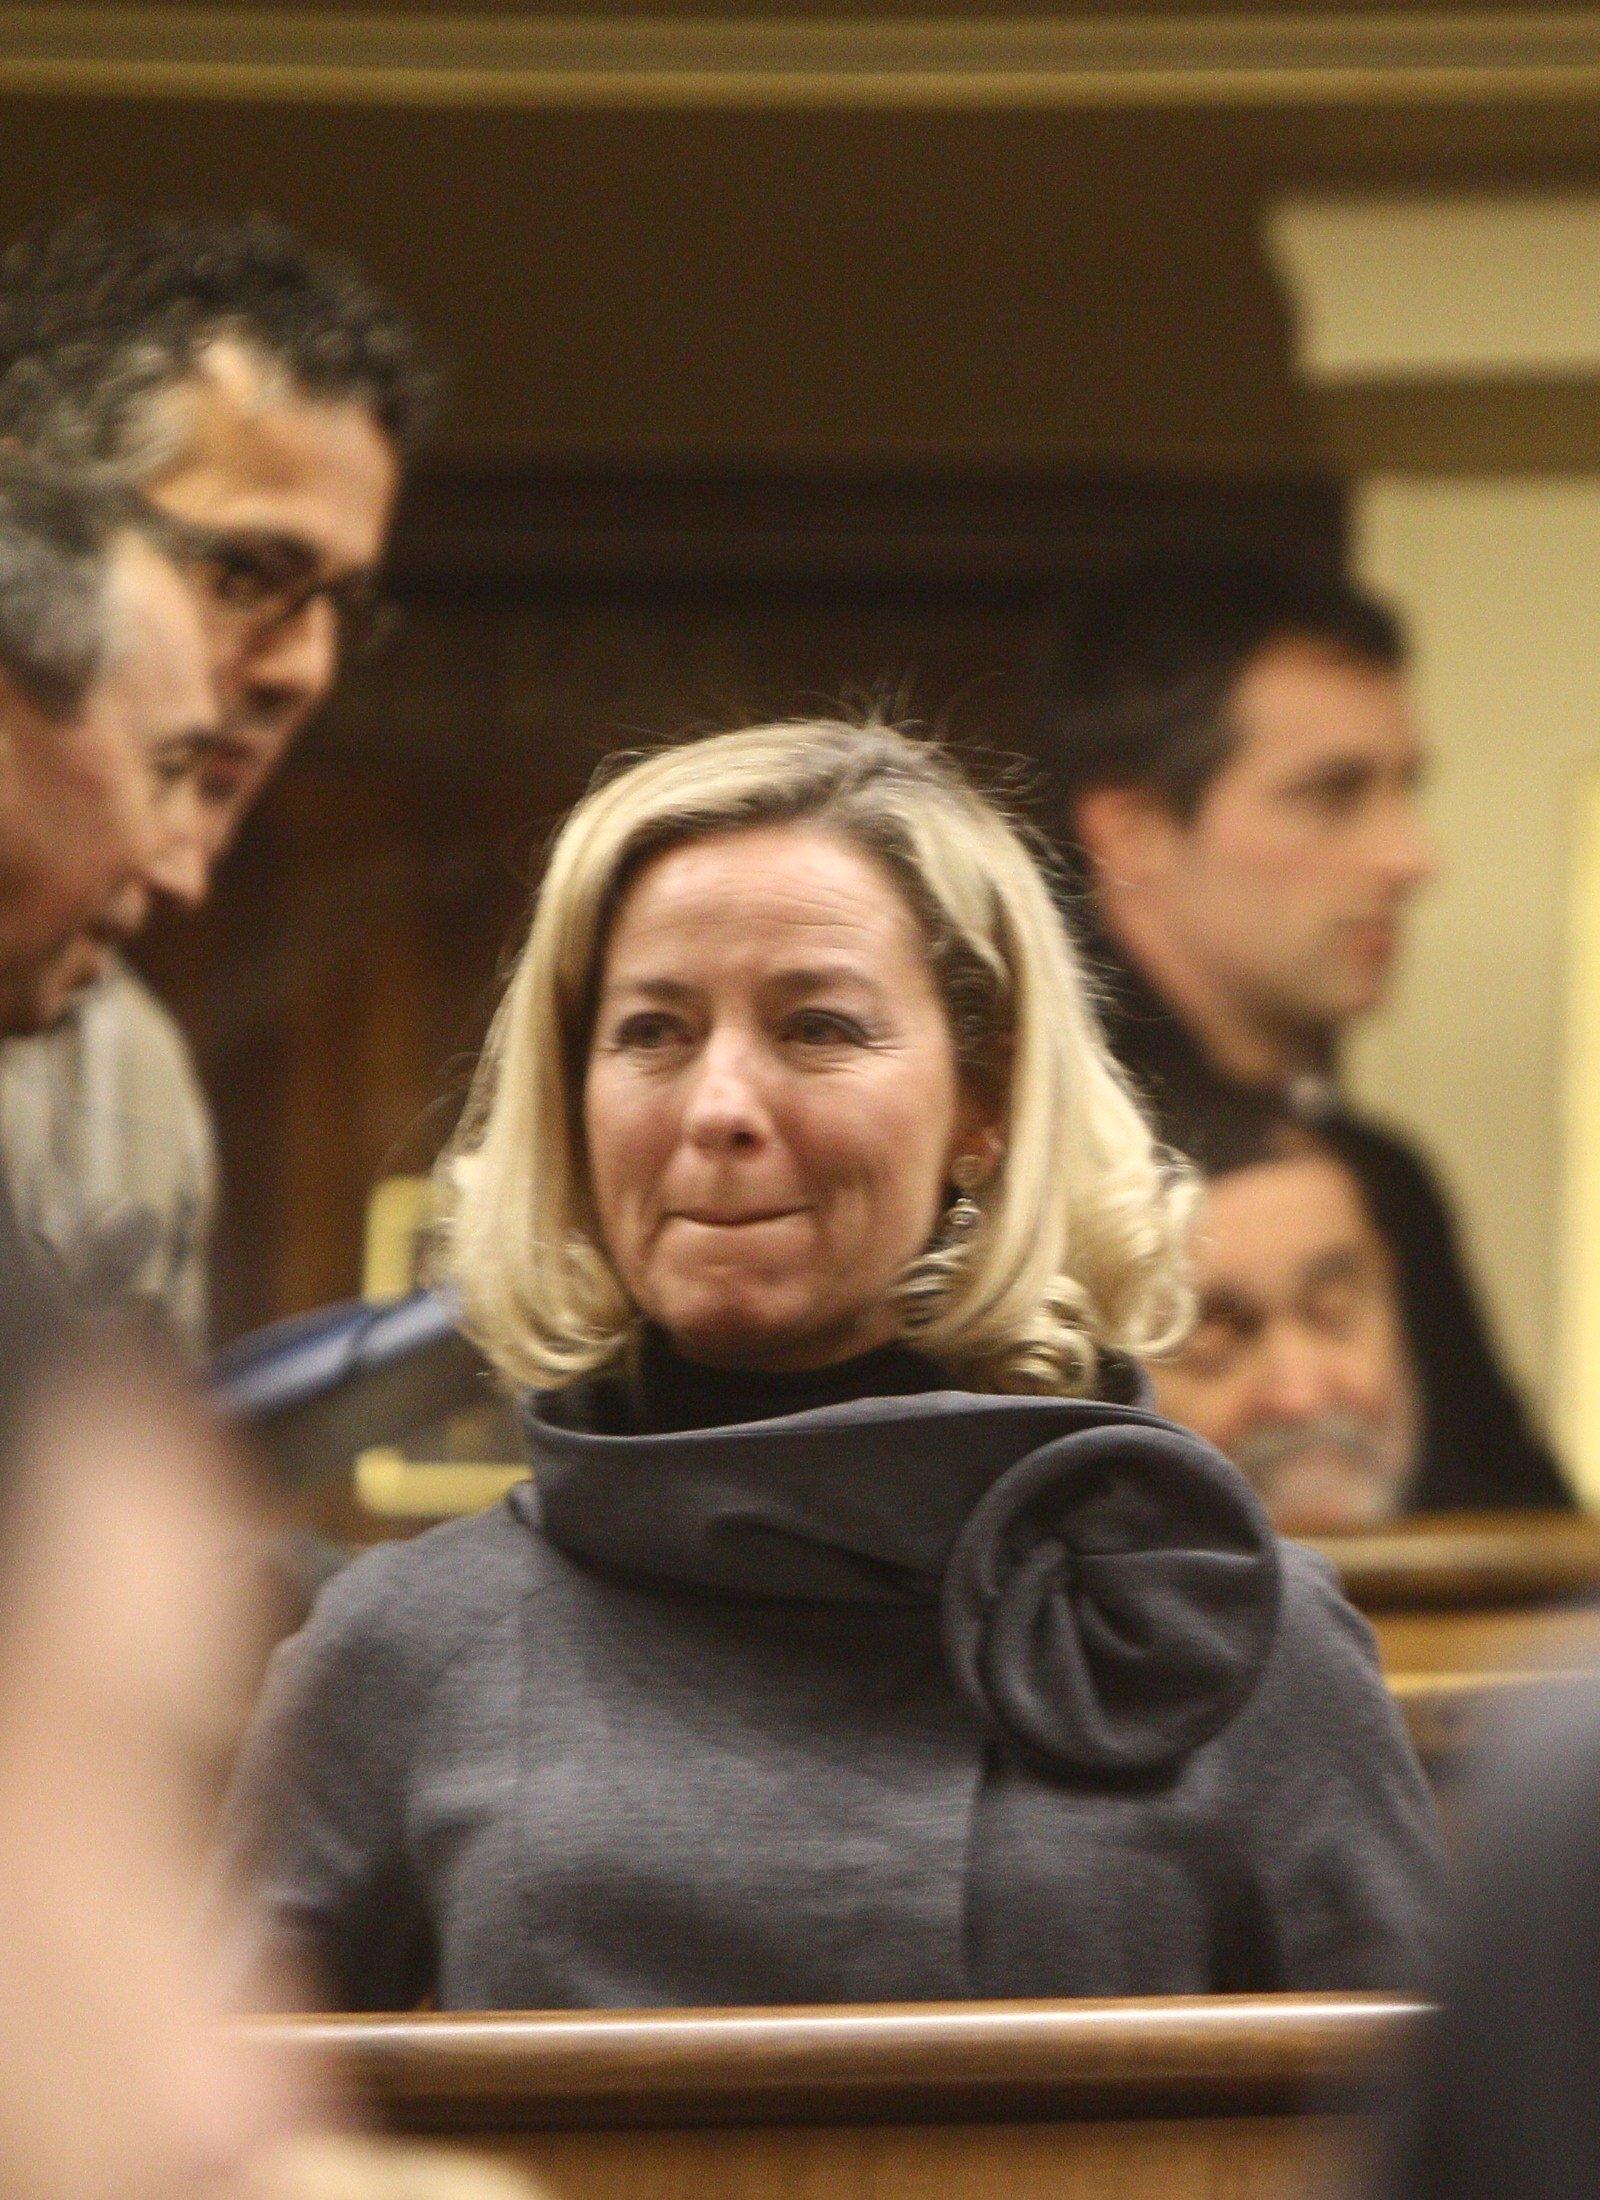 Coalición Canaria pide al Gobierno en el Congreso que impida que condenados y familiares se lucren en televisión